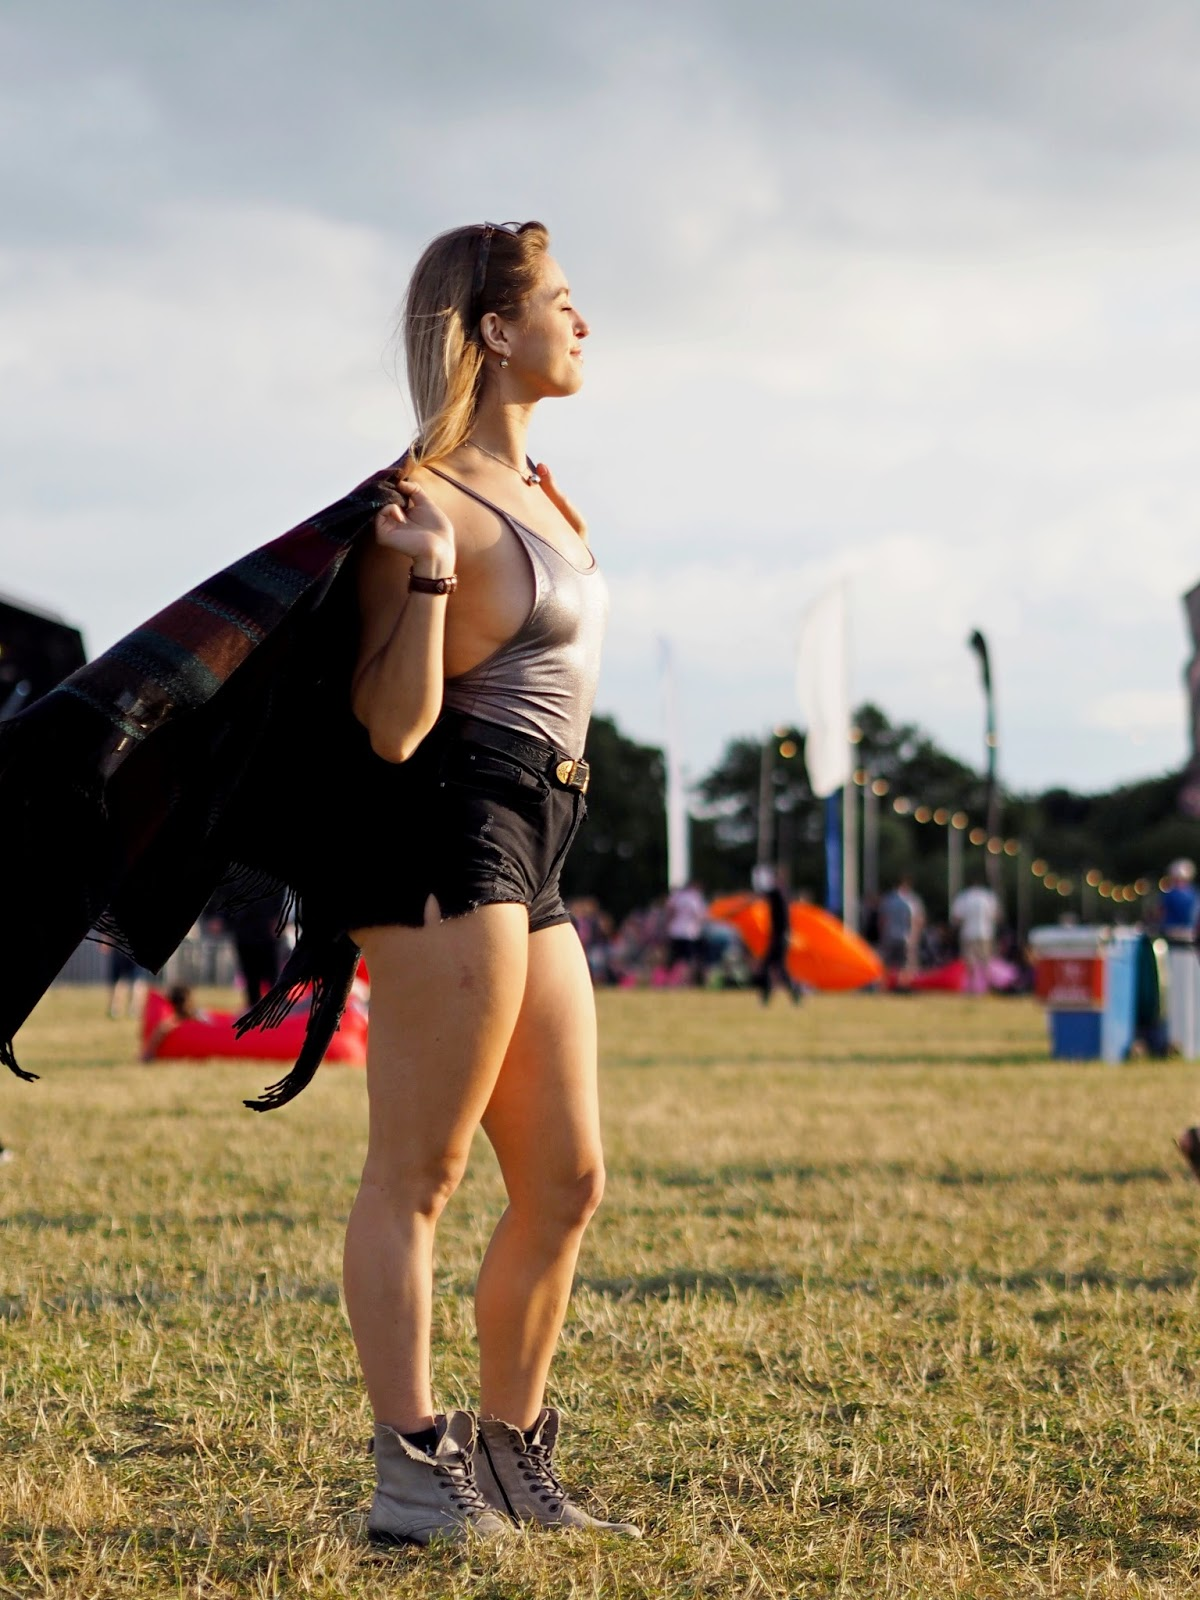 Girl at Festival